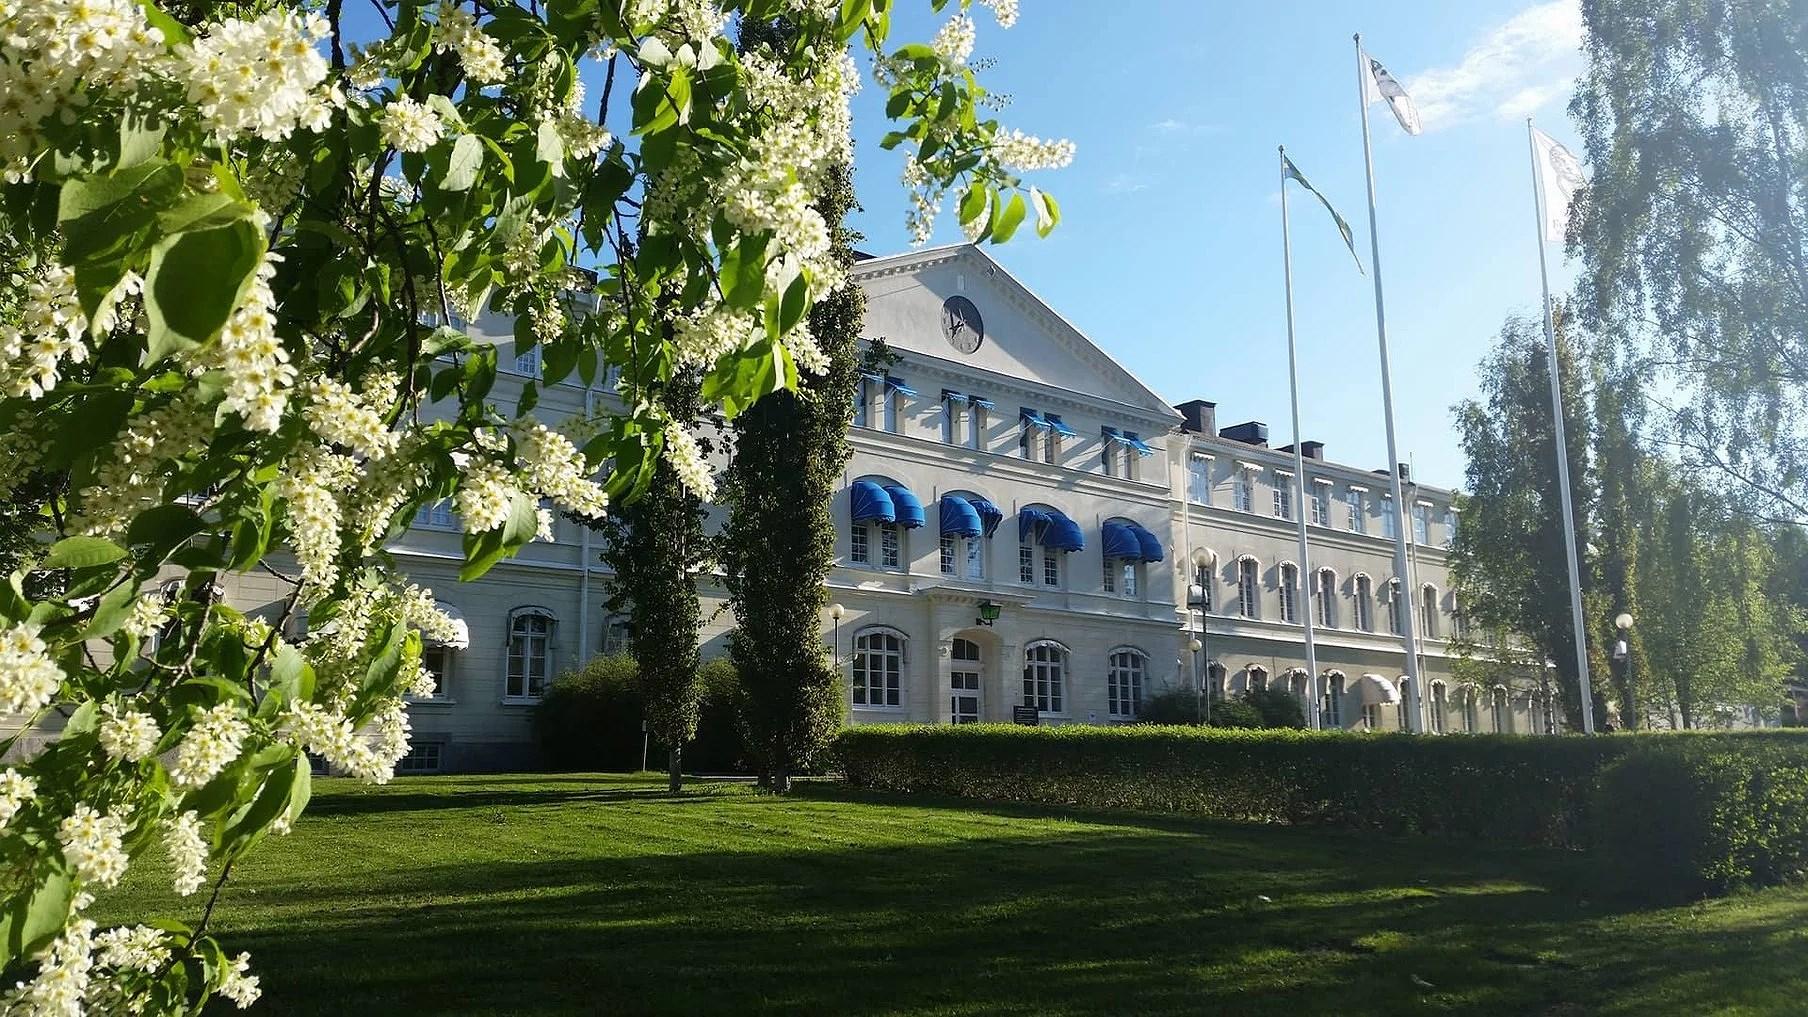 Furunäset, ett hotell med en historia